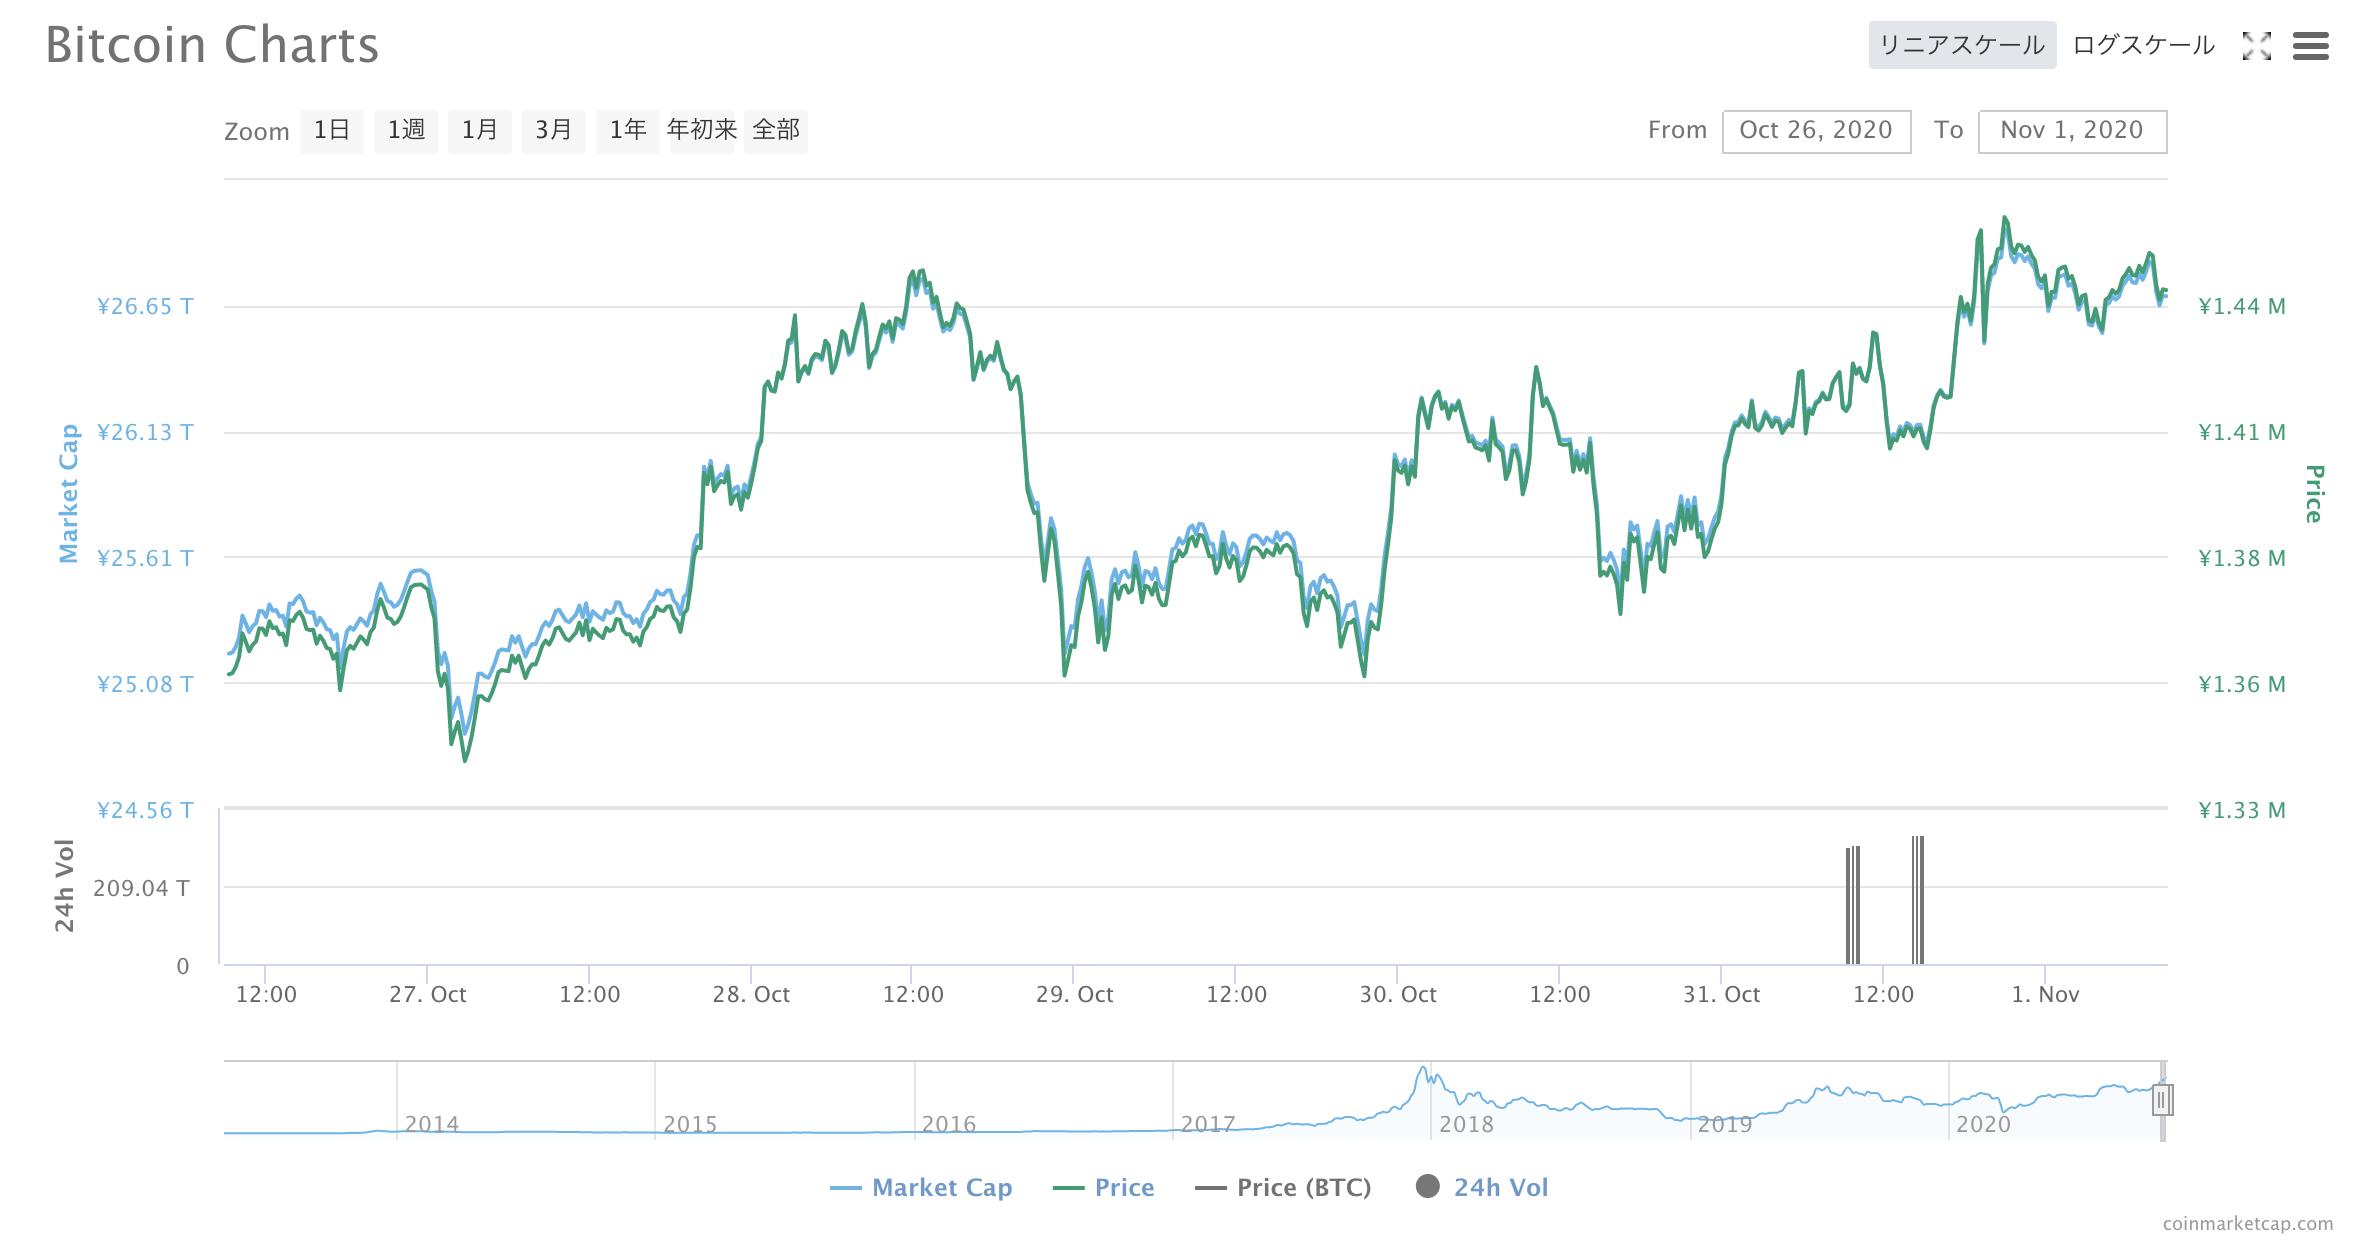 BTC価格変動(2020年10月26日〜11月1日)